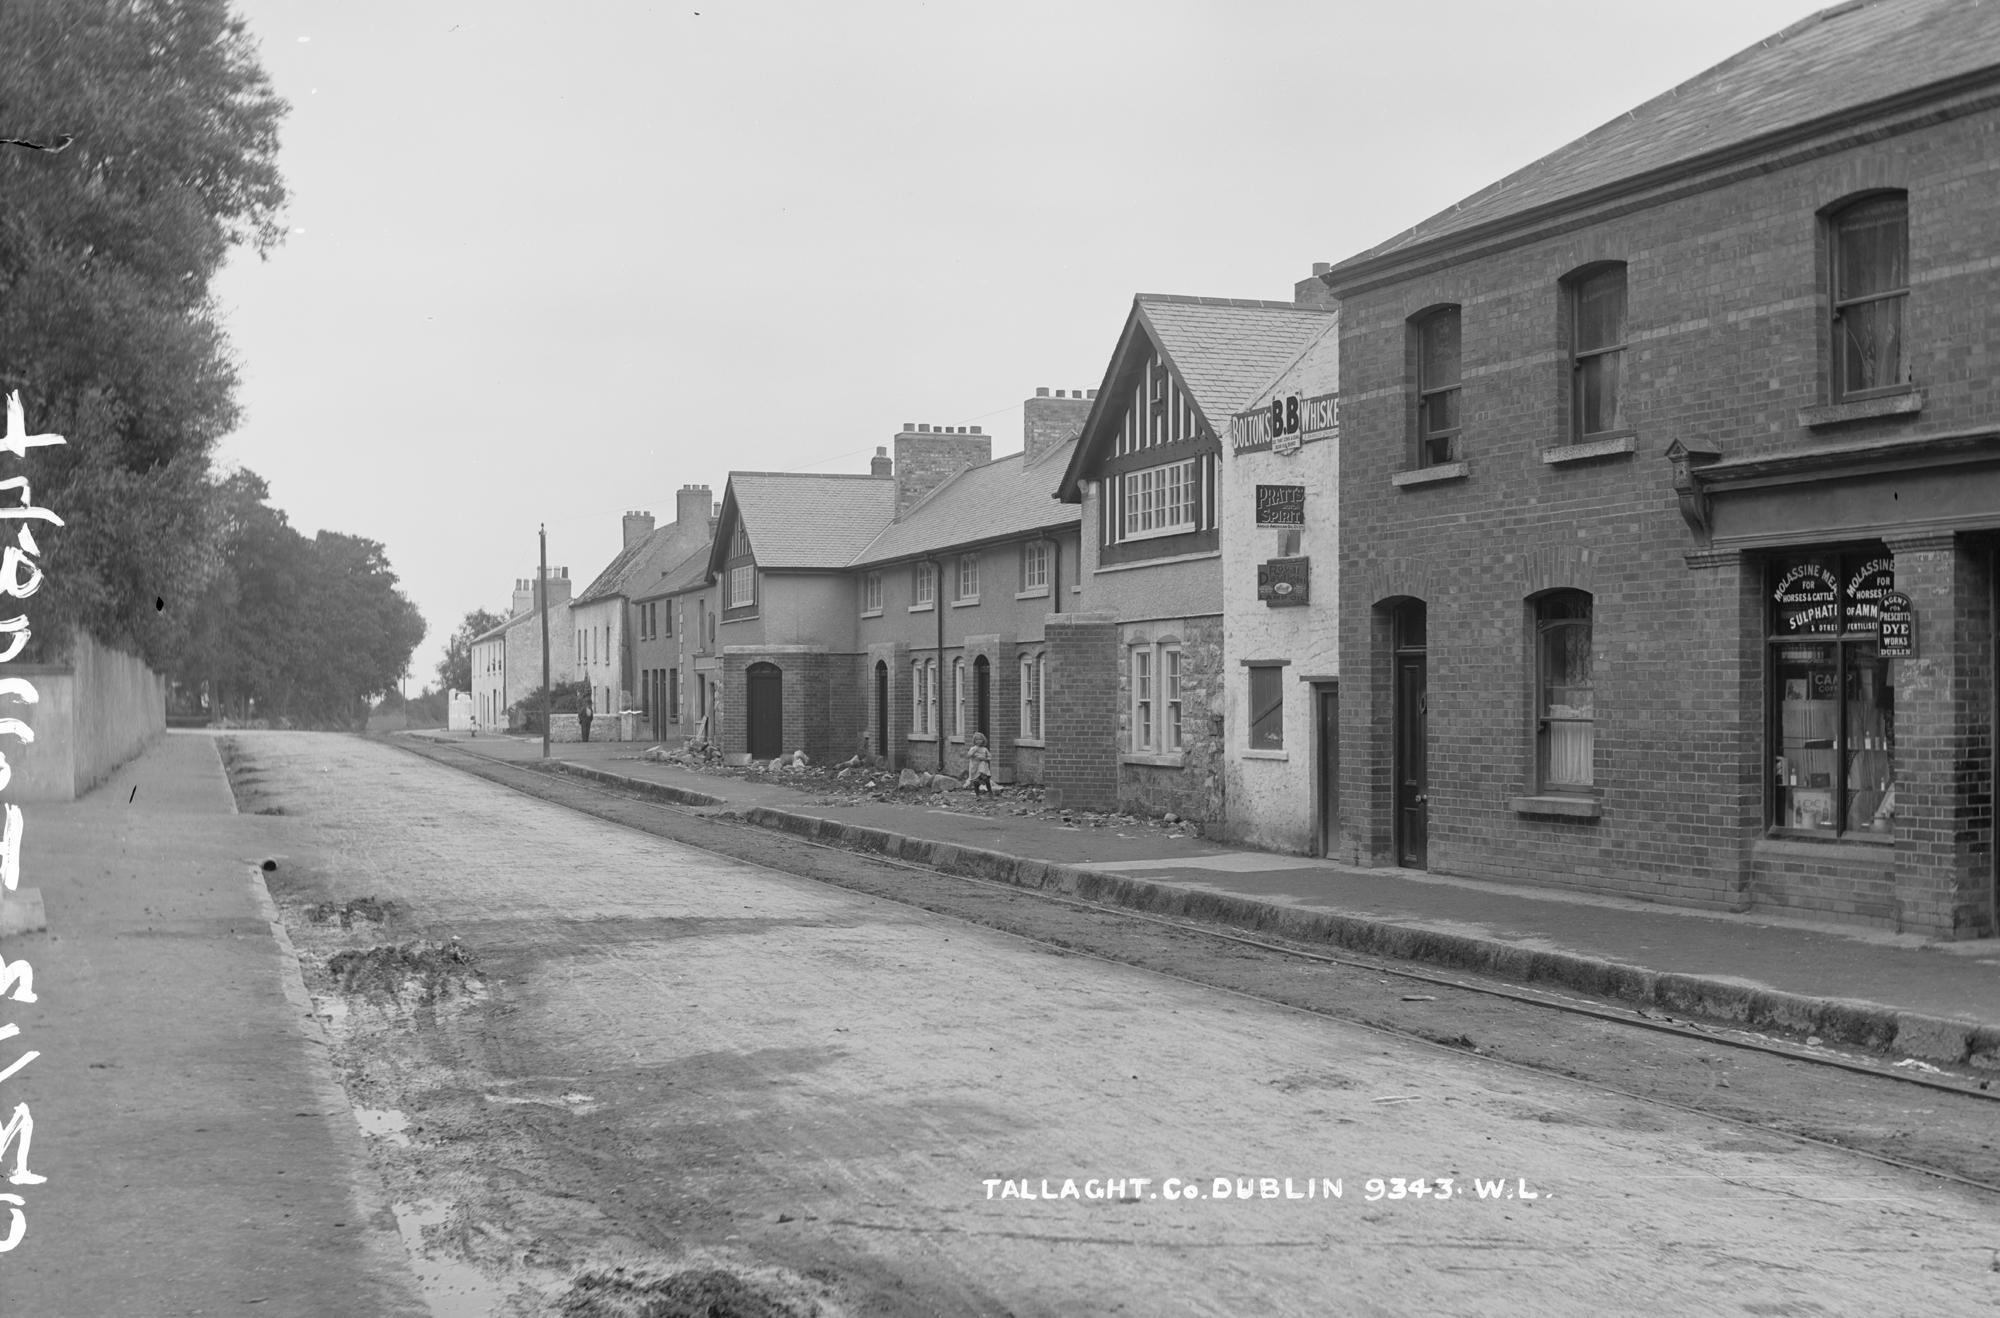 General View, Tallaght, Co. Dublin